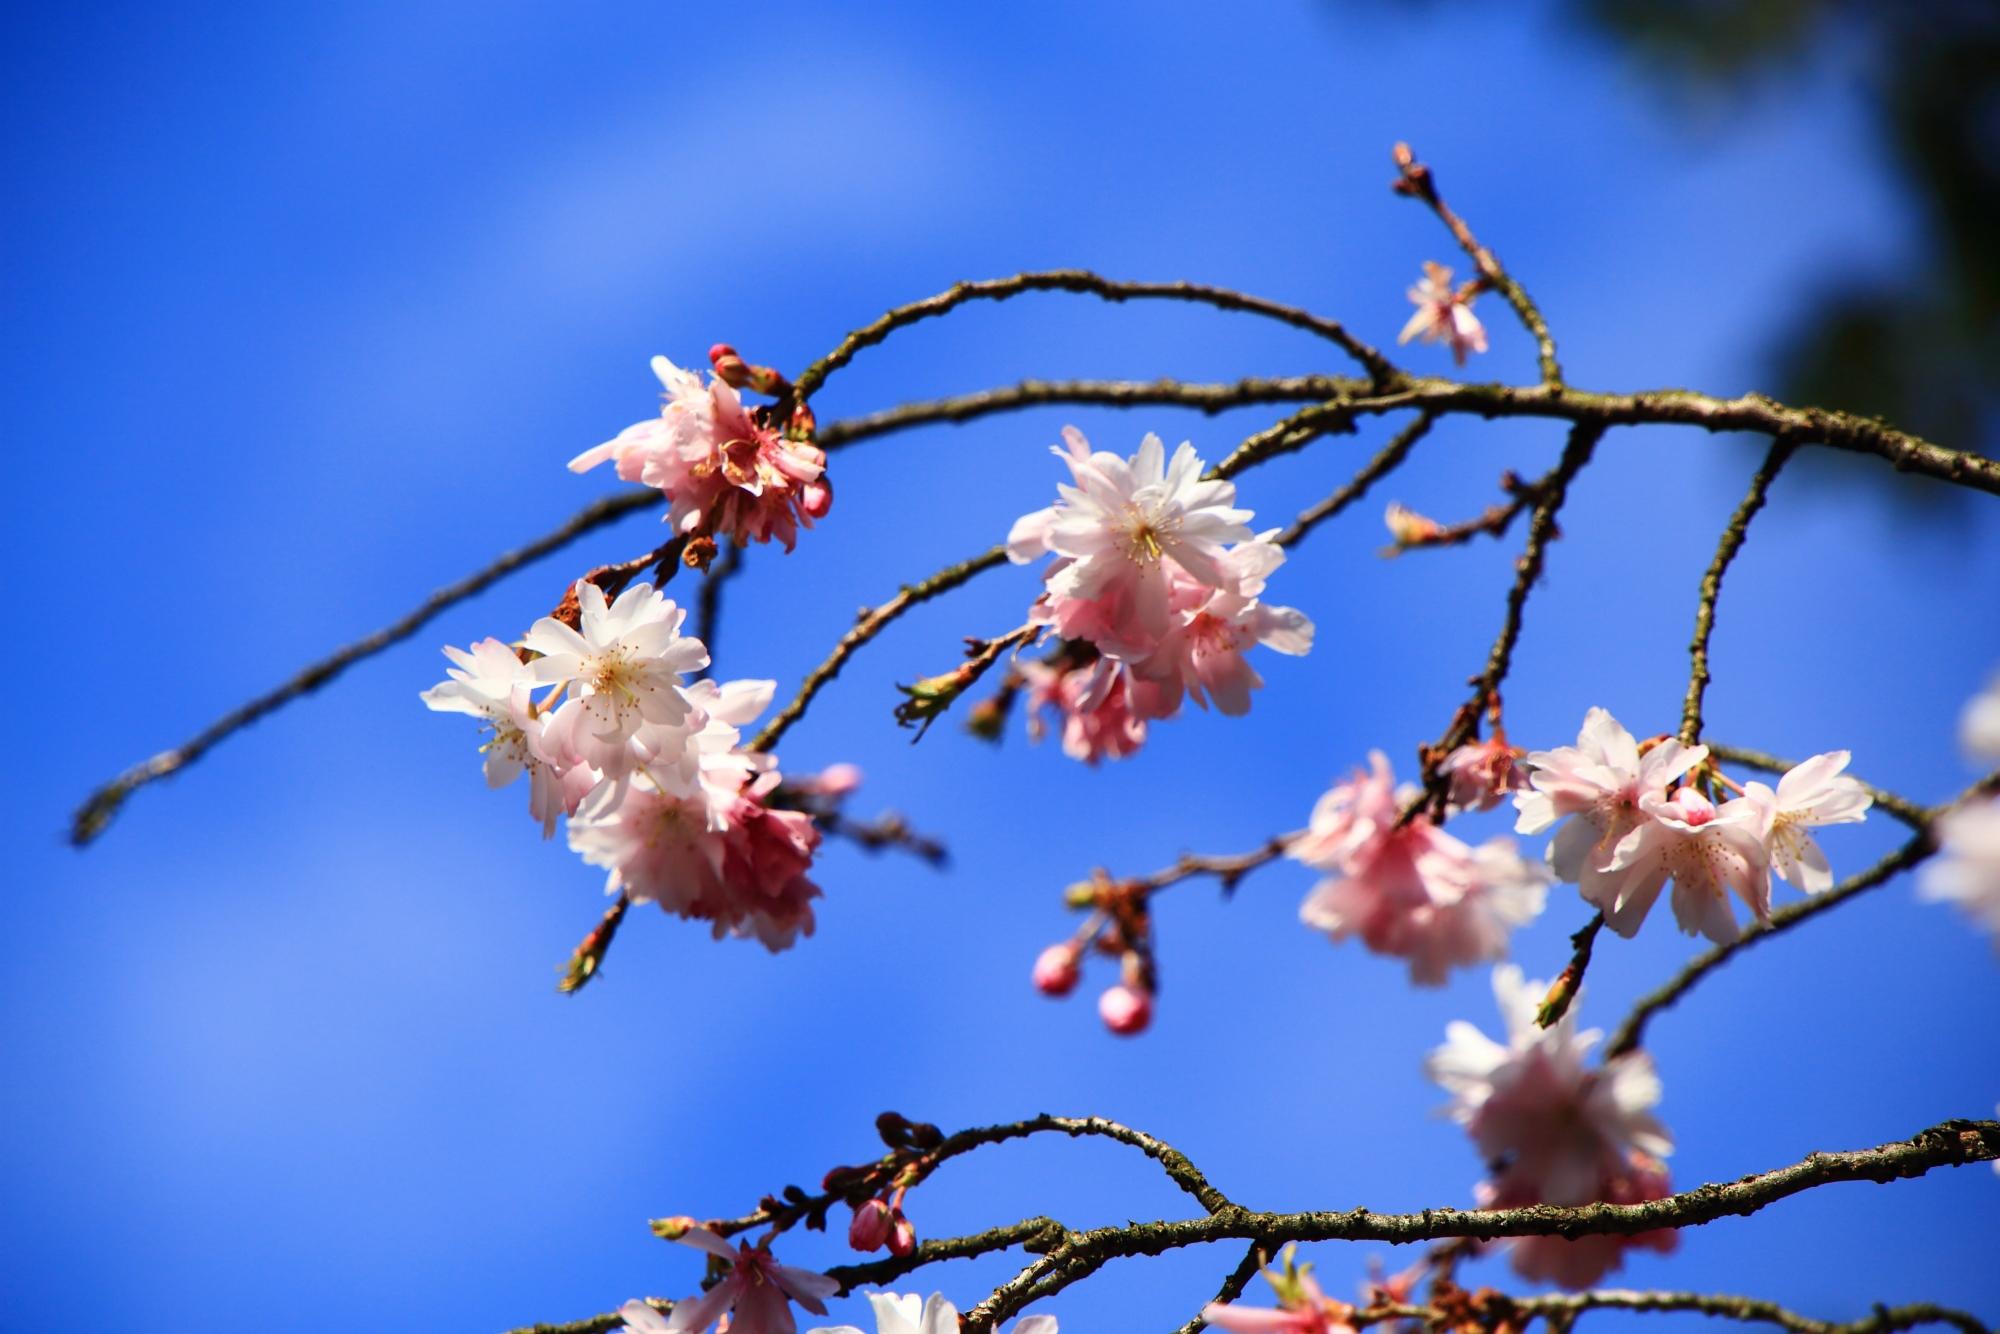 青空に映える華やかなピンクの花